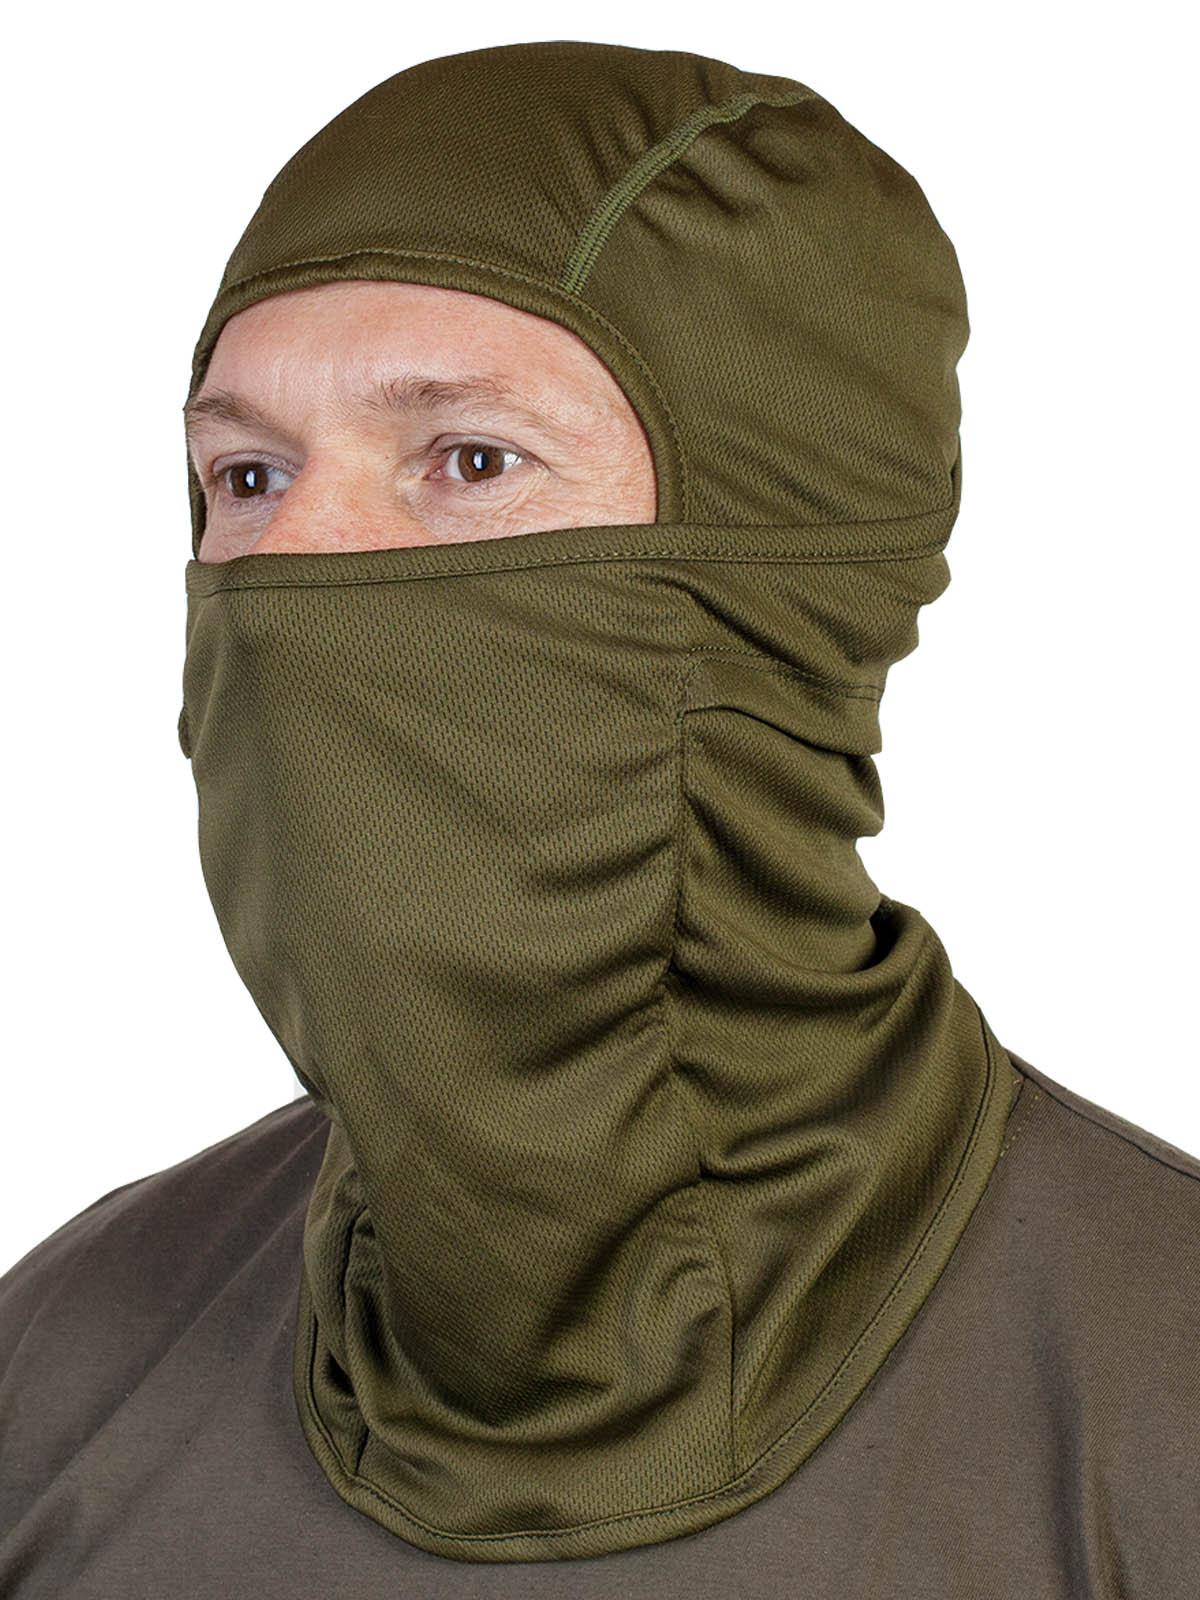 Трикотажная маска балаклава на лицо – низкая цена, выносливый материал